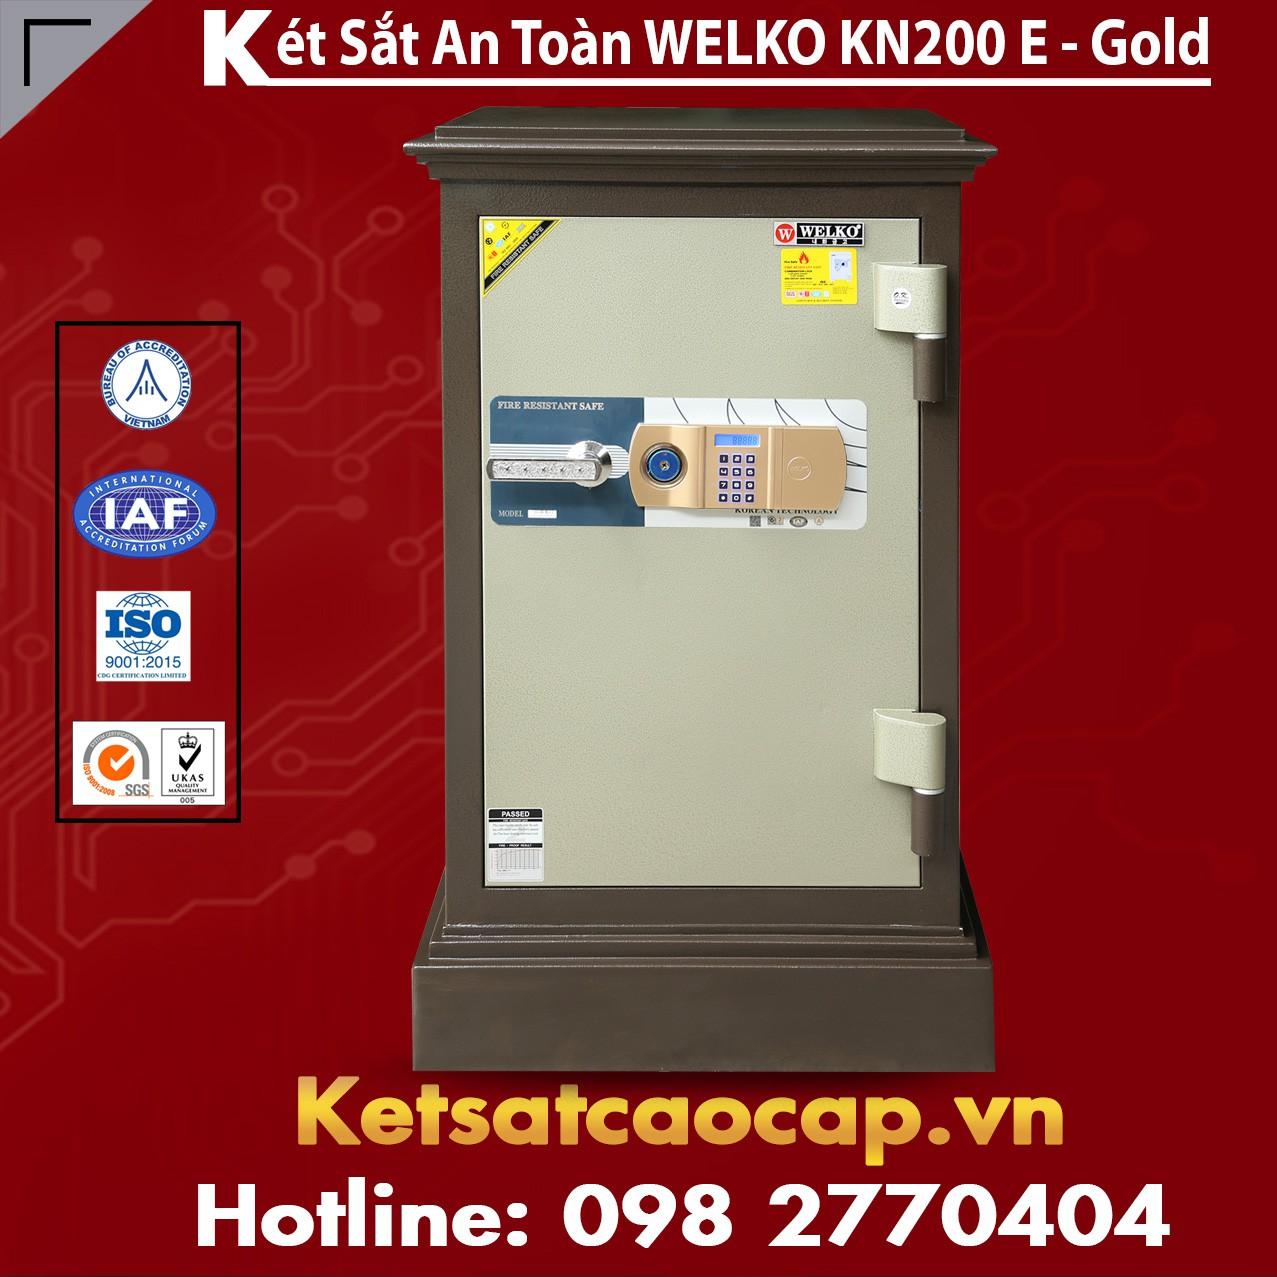 Két Sắt Công Ty Văn Phòng WELKO KN200 Brown - E Gold